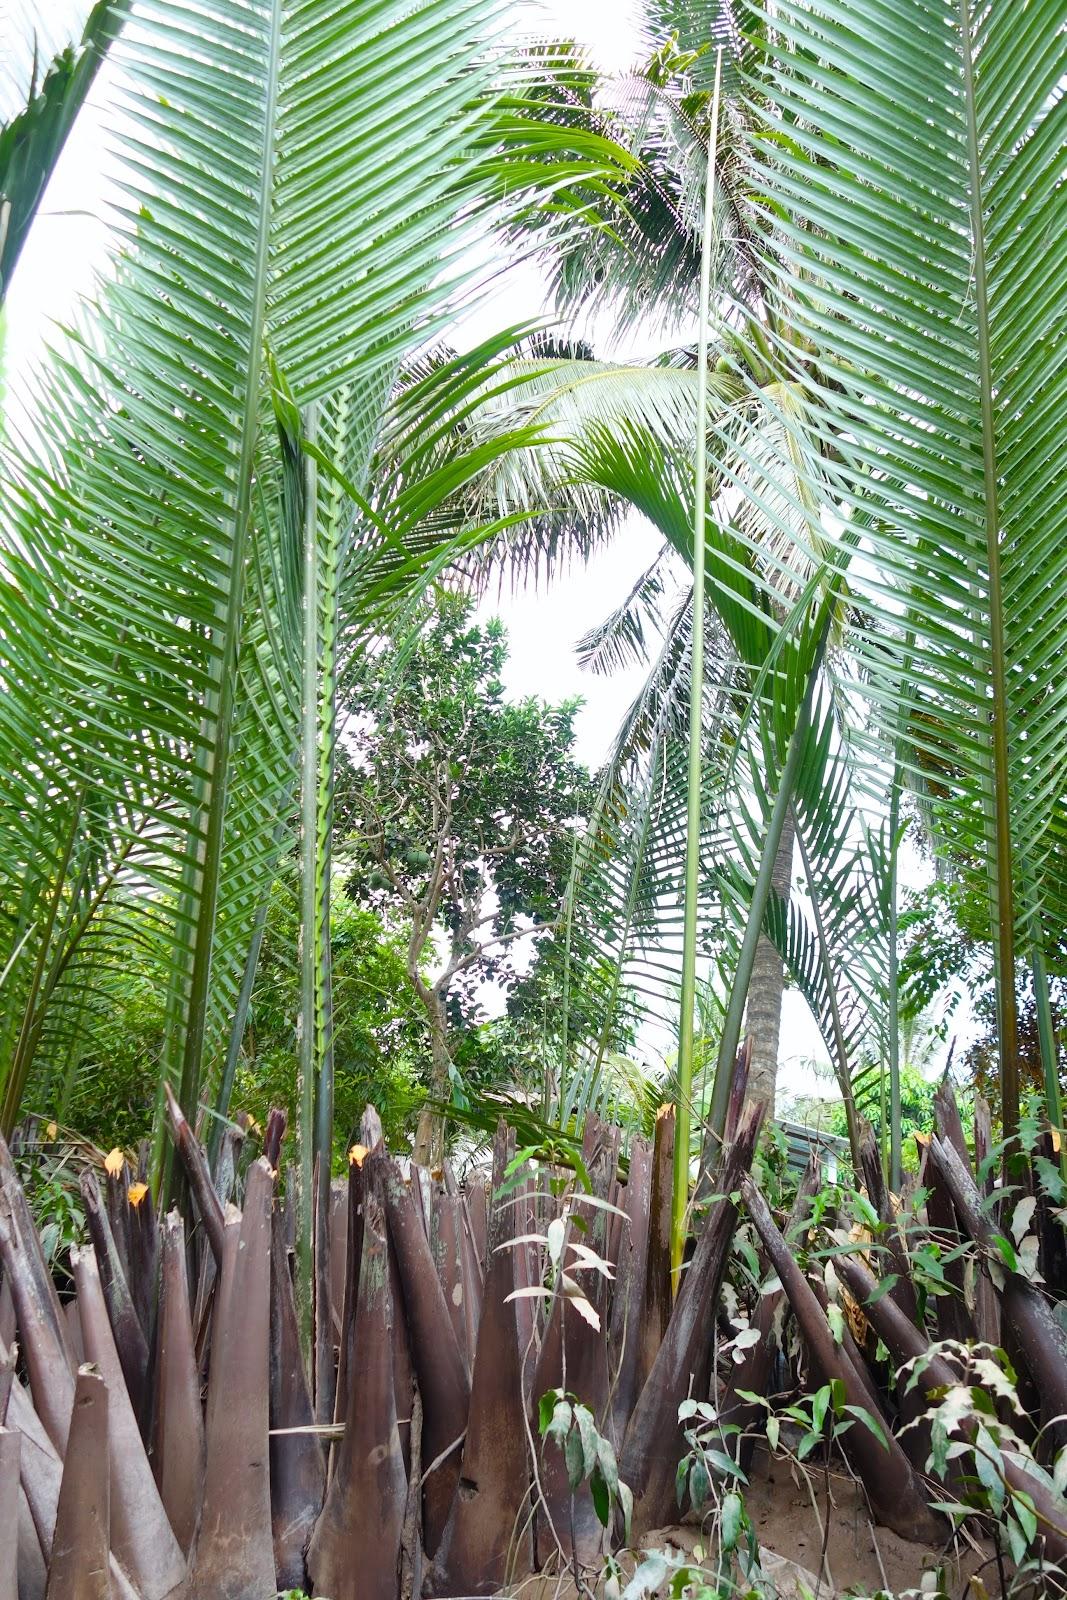 water coconut tree Mekong Delta Vietnam 2015